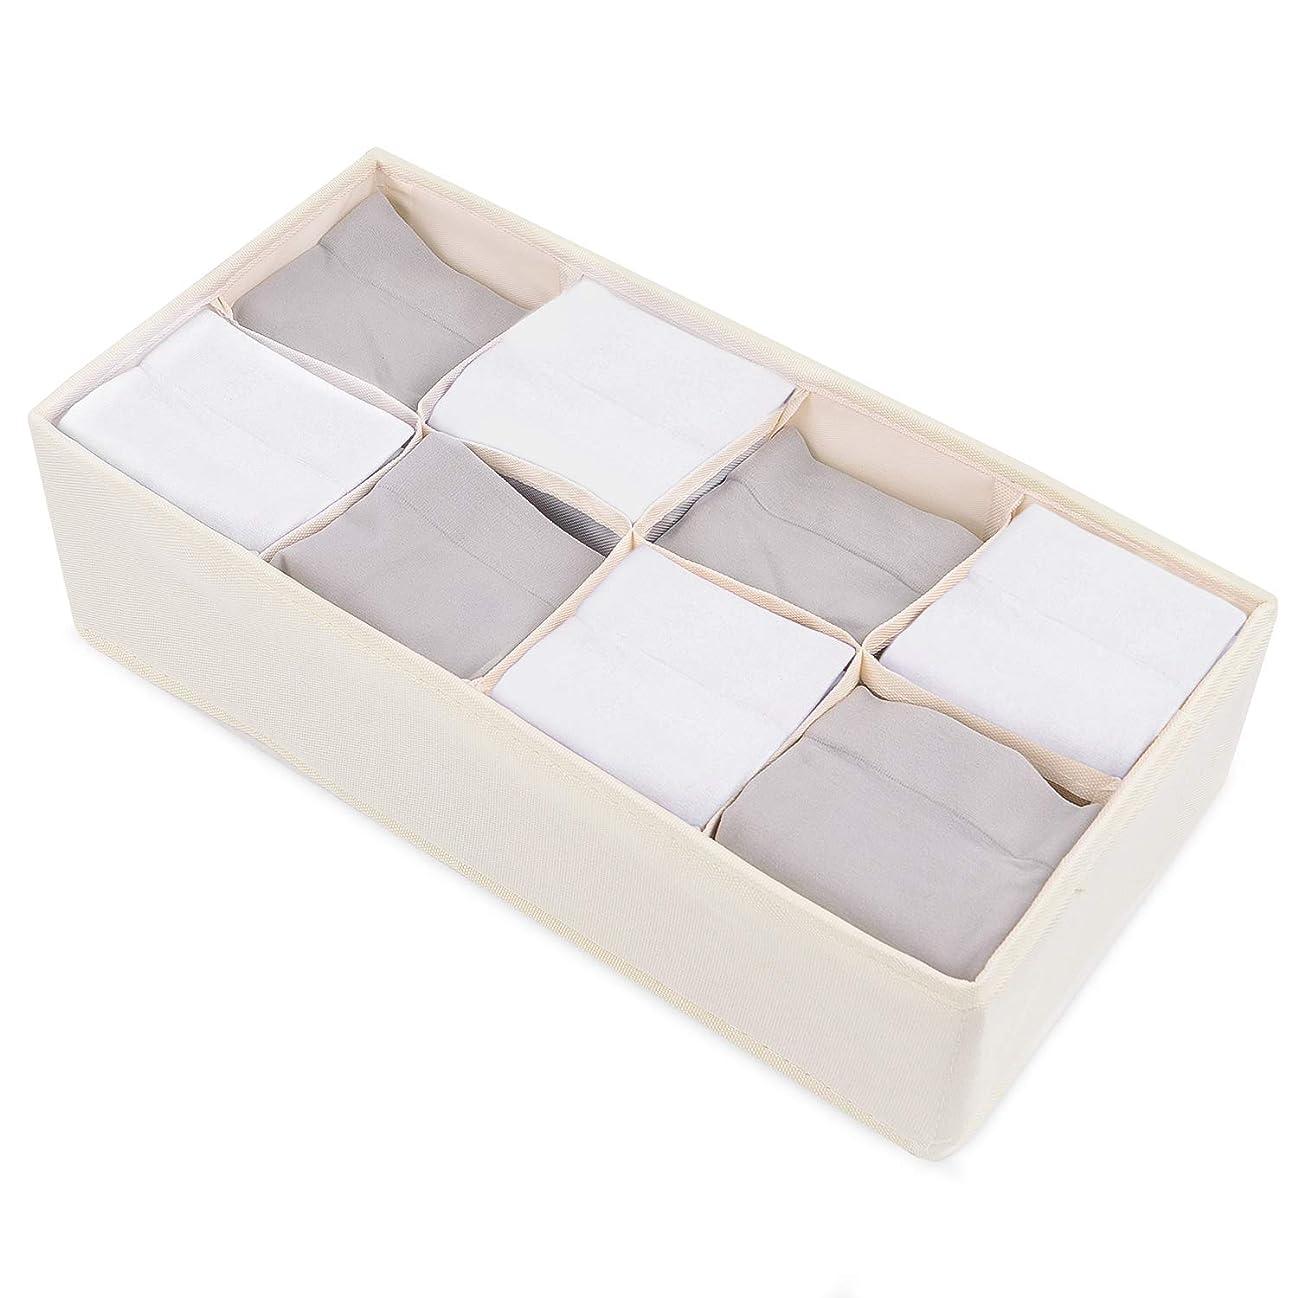 貢献する罹患率性能POTOLON 収納ボックス 下着収納 仕切りケース 下着 靴下 パンツ ブラジャー 収納 セット (8ボックス)